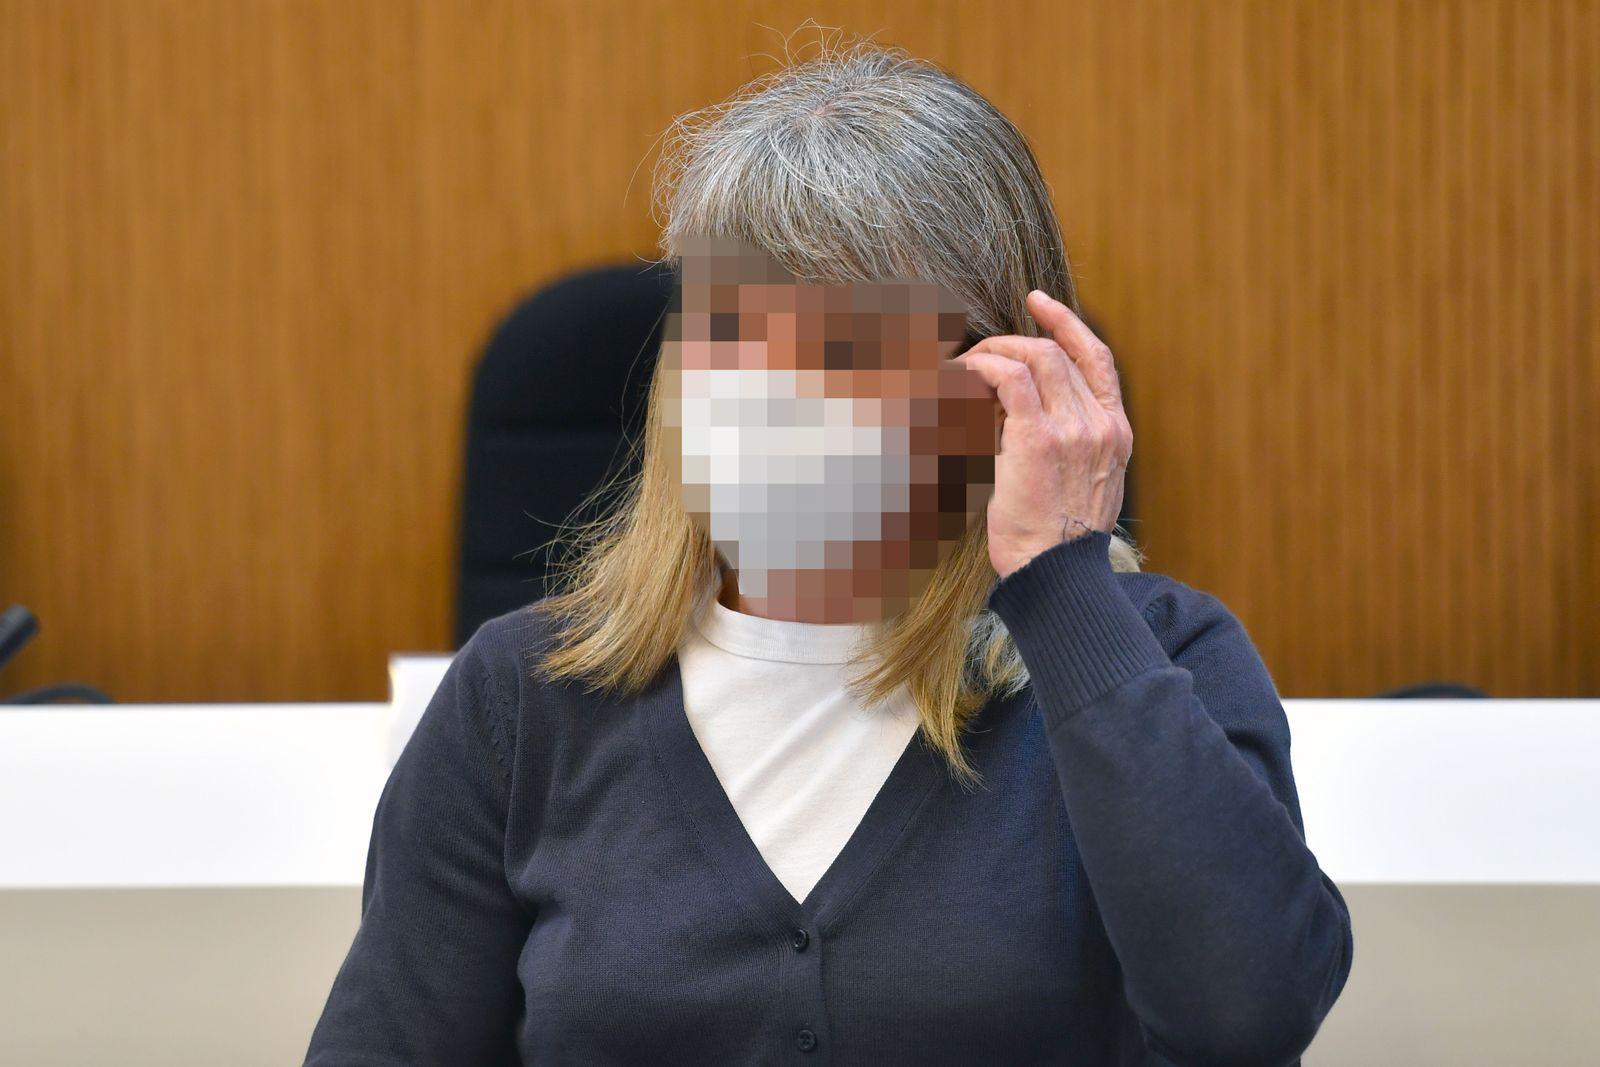 Prozessauftakt Strafverfahren gegen Susanne G. wegen des Verdachts der Vorbereitung einer schweren staatsgefaehrdenden Gewalttat.